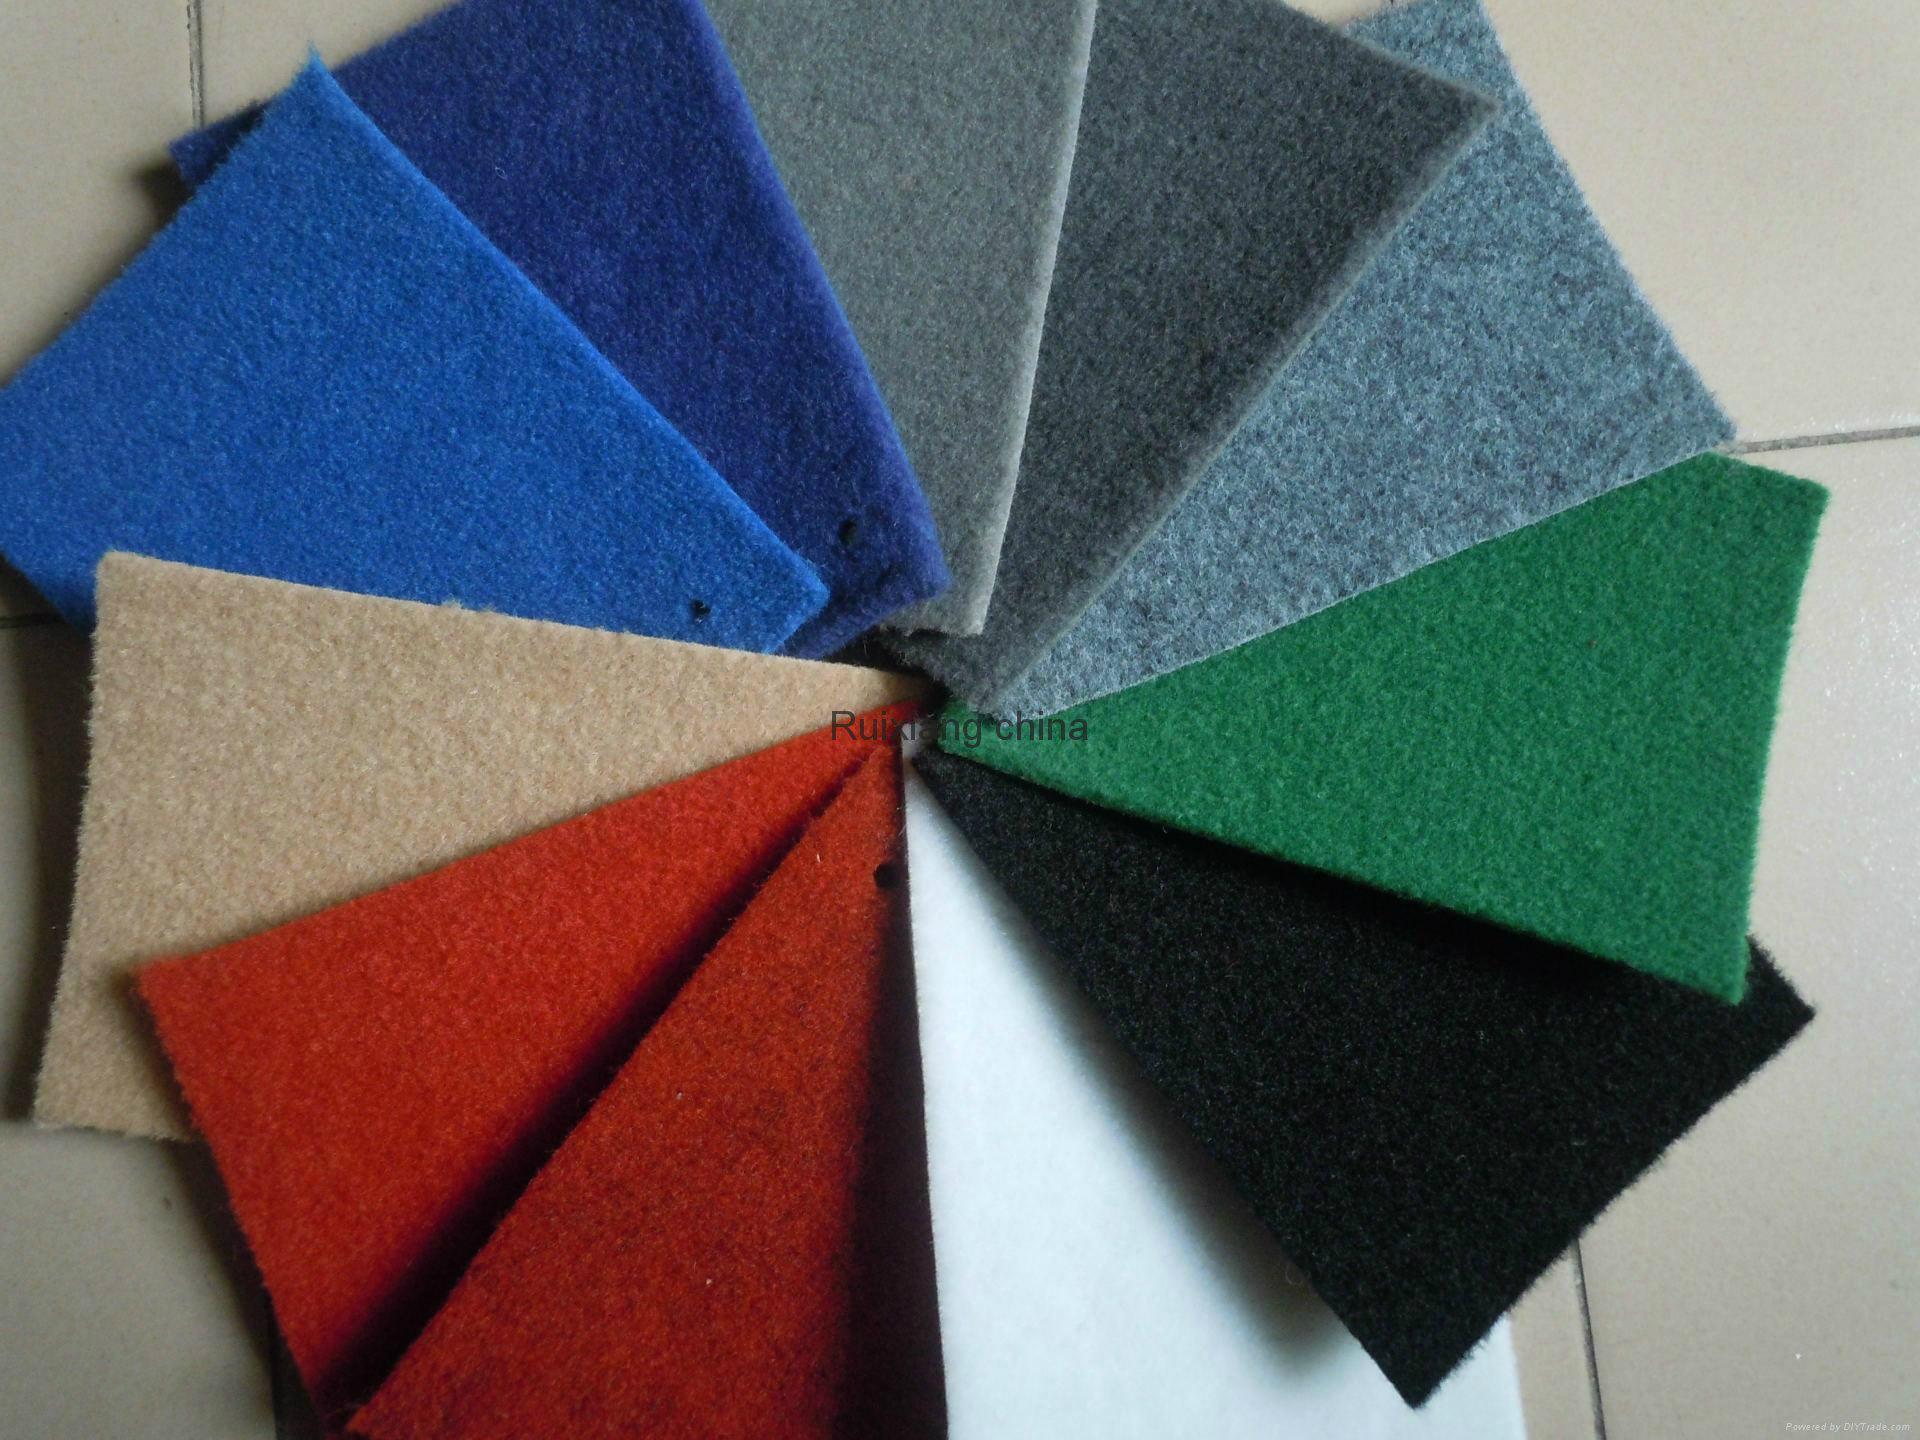 山东地毯厂家批发各色化纤拉绒地毯出口大红地毯 4